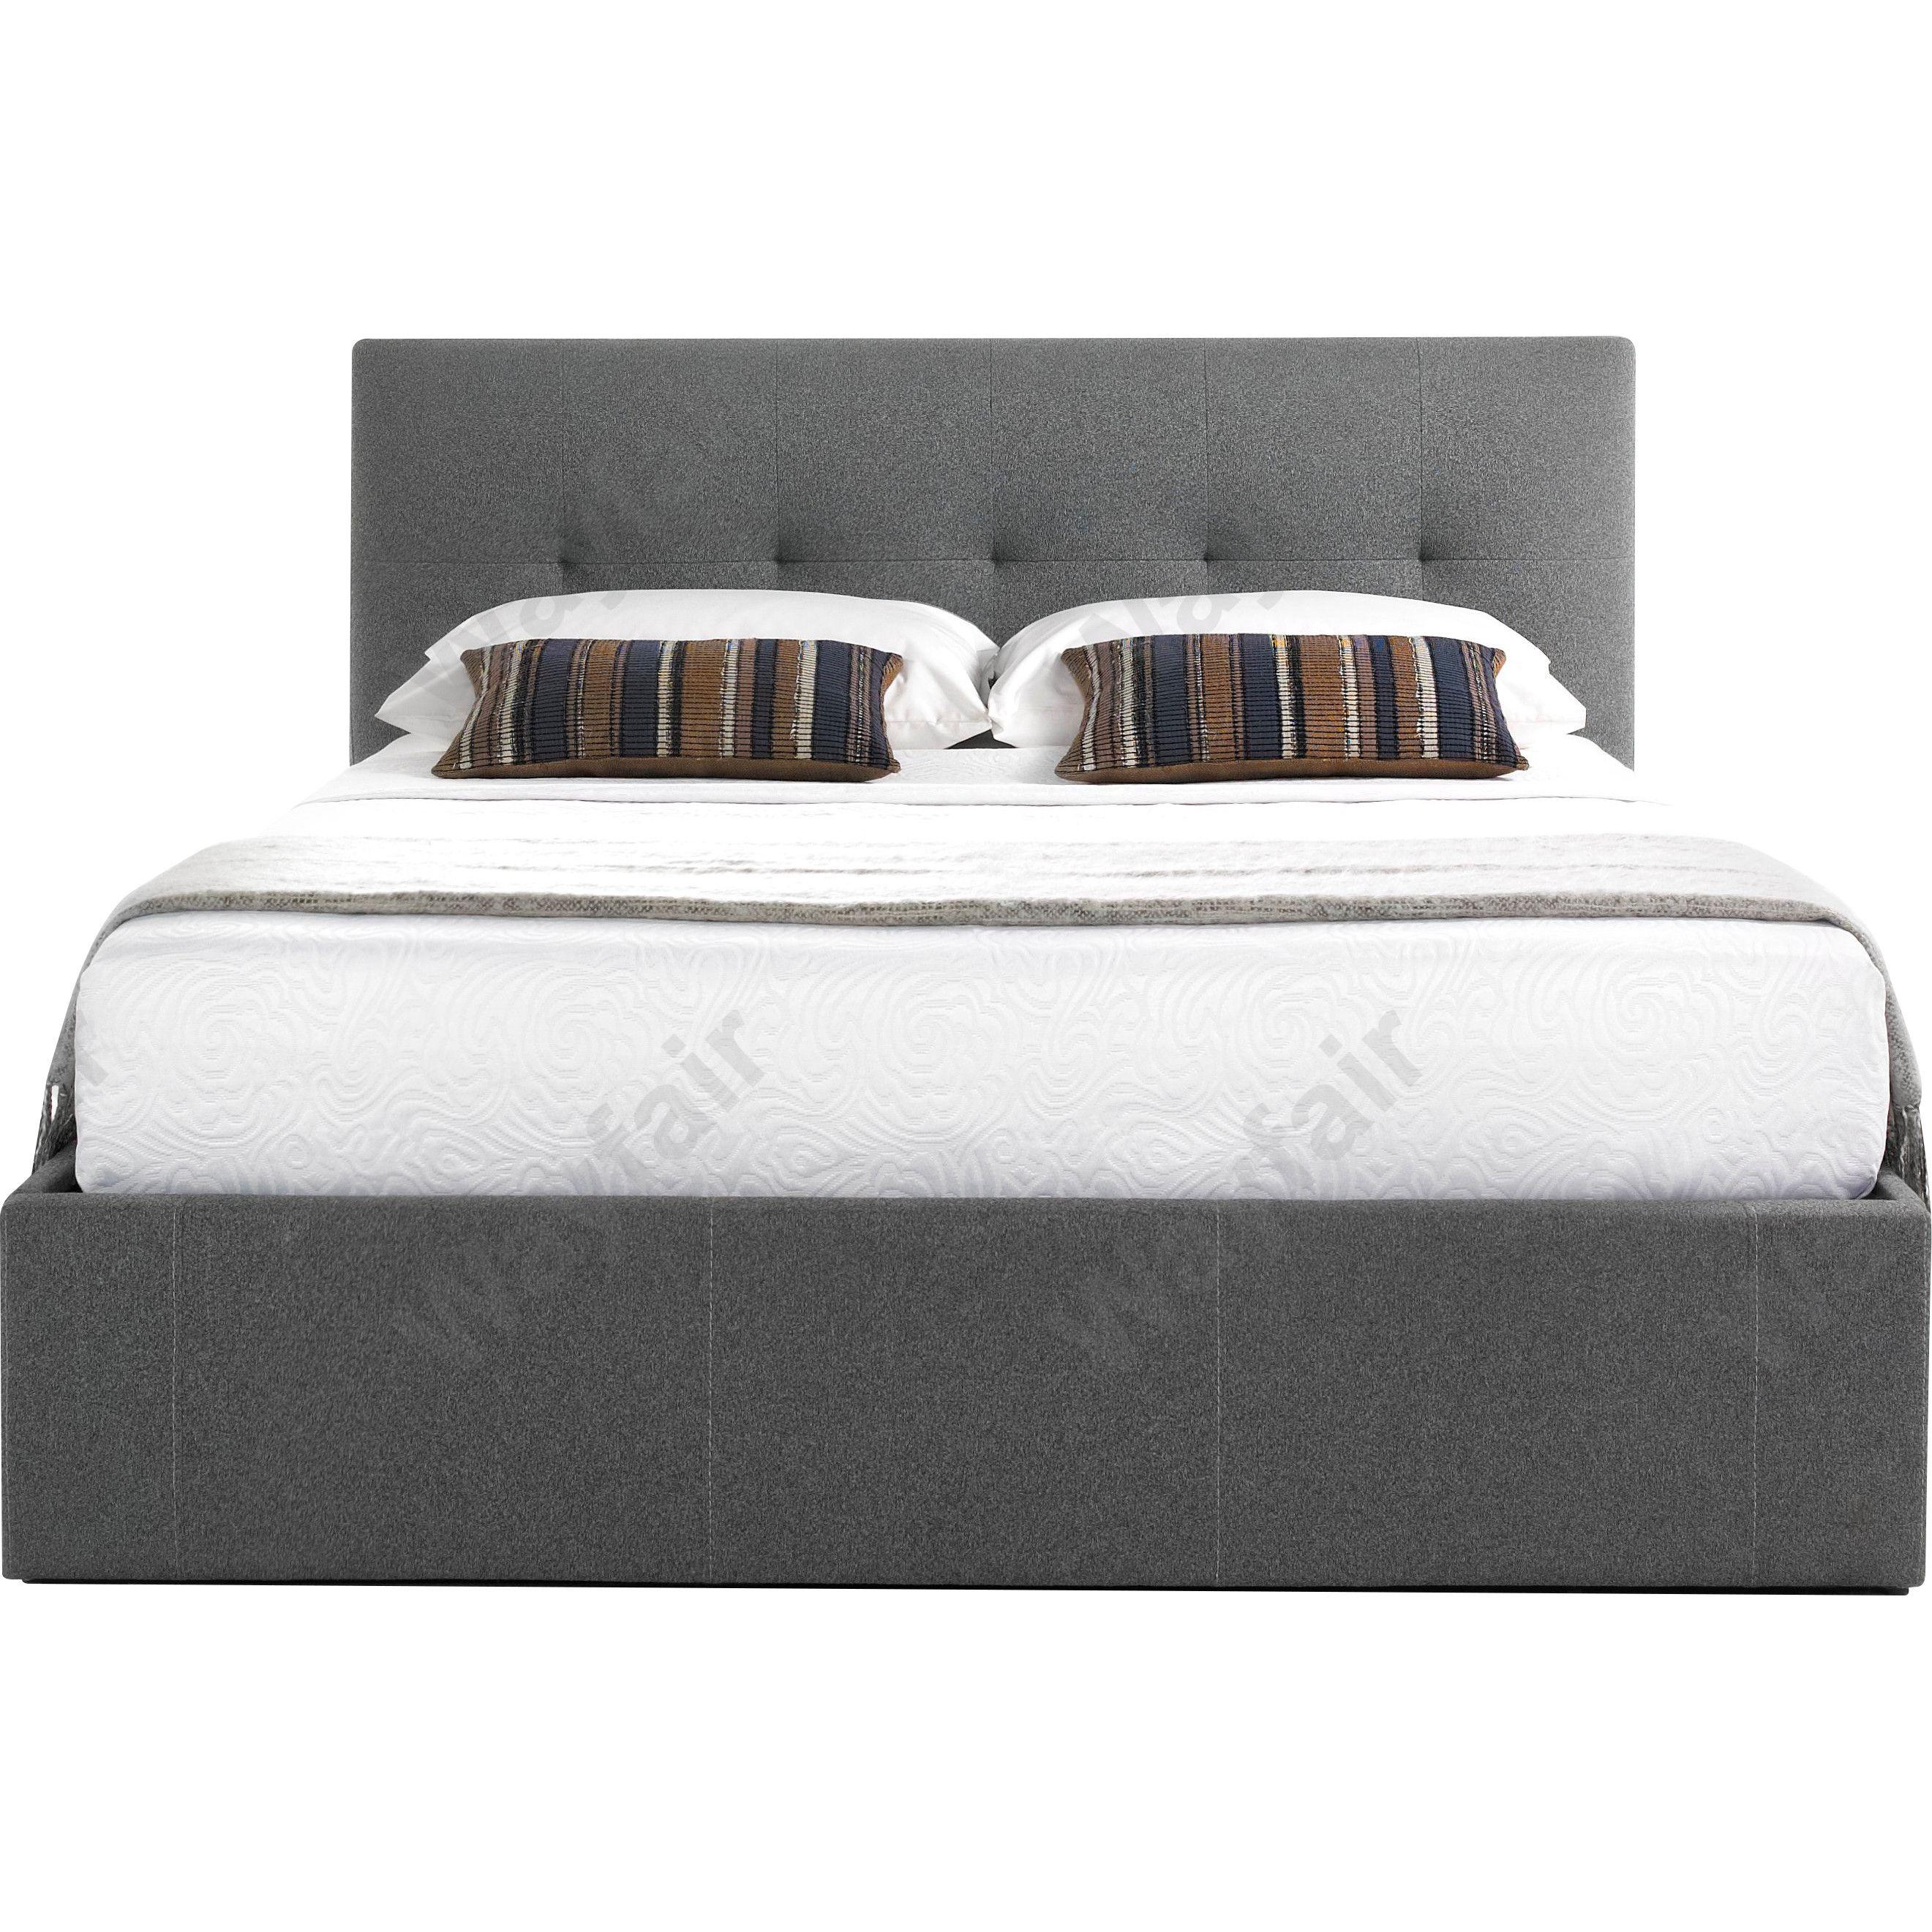 Banyan Upholstered Storage Bed Frame | Attic room | Pinterest | Bed ...